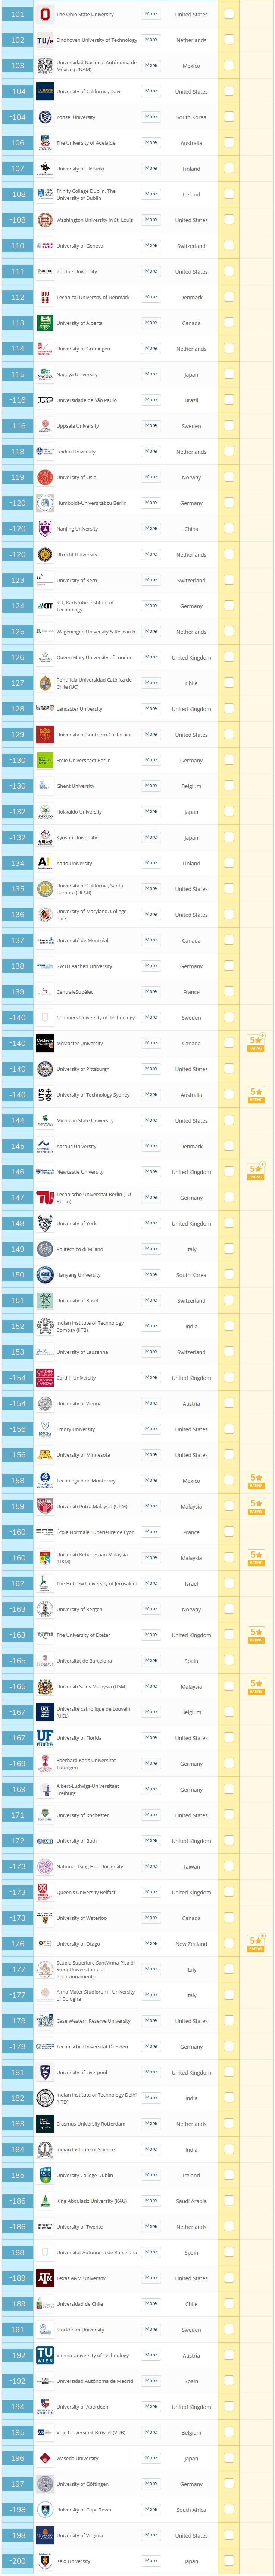 2020年世界大学最新qs排名!MIT8年稳坐冠军宝座!(完整版)